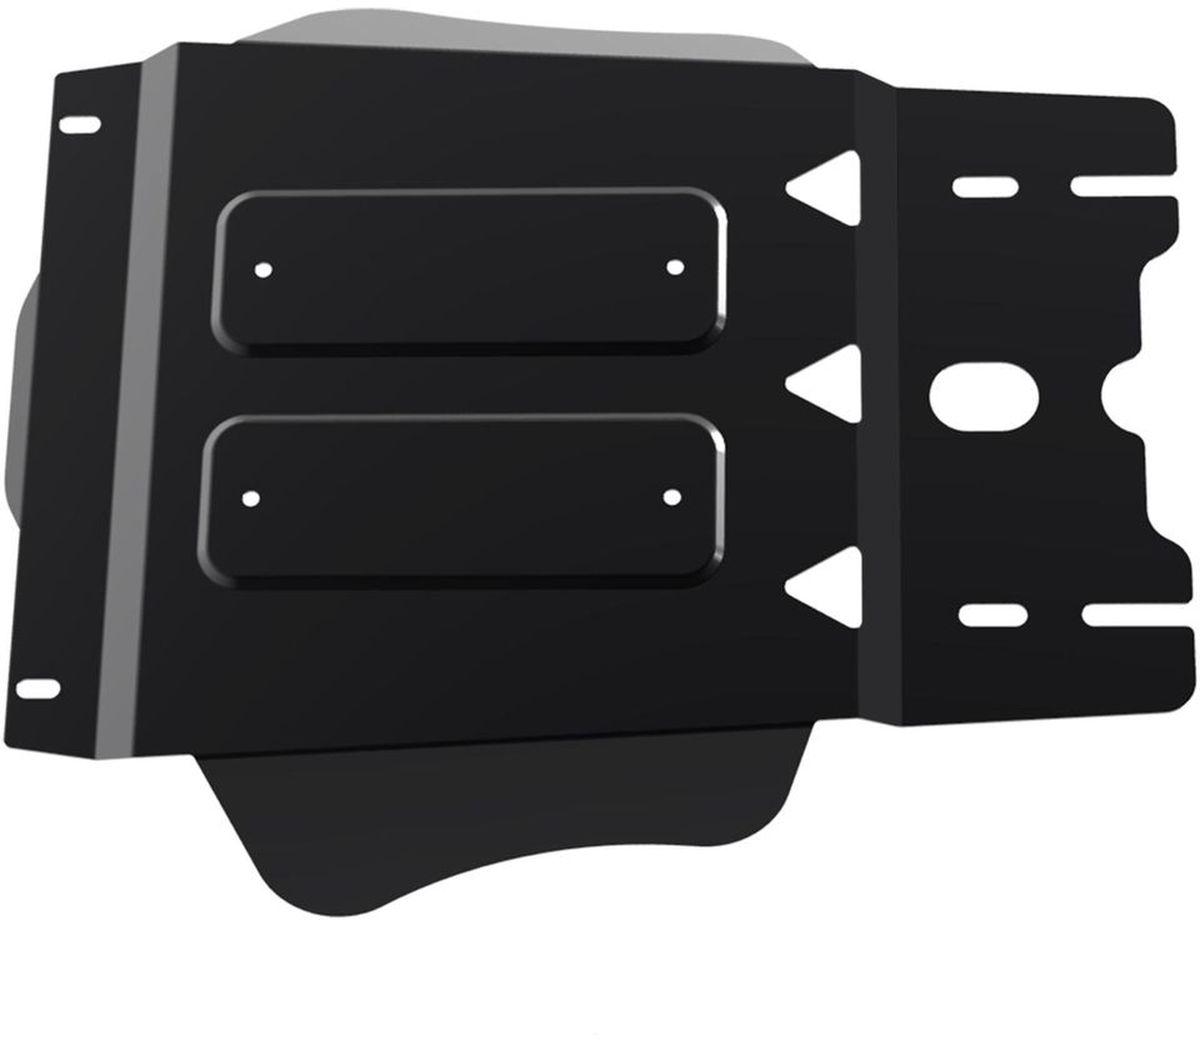 Защита КПП Автоброня Kia Mohave 2009-, сталь 2 мм111.02815.1Защита КПП Автоброня Kia Mohave 2009-, сталь 2 мм, комплект крепежа, 111.02815.1Дополнительно можно приобрести другие защитные элементы из комплекта: защита радиатора - 1.02813.1, защита картера - 111.02814.1, защита РК - 111.02816.1Стальные защиты Автоброня надежно защищают ваш автомобиль от повреждений при наезде на бордюры, выступающие канализационные люки, кромки поврежденного асфальта или при ремонте дорог, не говоря уже о загородных дорогах.- Имеют оптимальное соотношение цена-качество.- Спроектированы с учетом особенностей автомобиля, что делает установку удобной.- Защита устанавливается в штатные места кузова автомобиля.- Является надежной защитой для важных элементов на протяжении долгих лет.- Глубокий штамп дополнительно усиливает конструкцию защиты.- Подштамповка в местах крепления защищает крепеж от срезания.- Технологические отверстия там, где они необходимы для смены масла и слива воды, оборудованные заглушками, закрепленными на защите.Толщина стали 2 мм.В комплекте крепеж и инструкция по установке.Уважаемые клиенты!Обращаем ваше внимание на тот факт, что защита имеет форму, соответствующую модели данного автомобиля. Наличие глубокого штампа и лючков для смены фильтров/масла предусмотрено не на всех защитах. Фото служит для визуального восприятия товара.